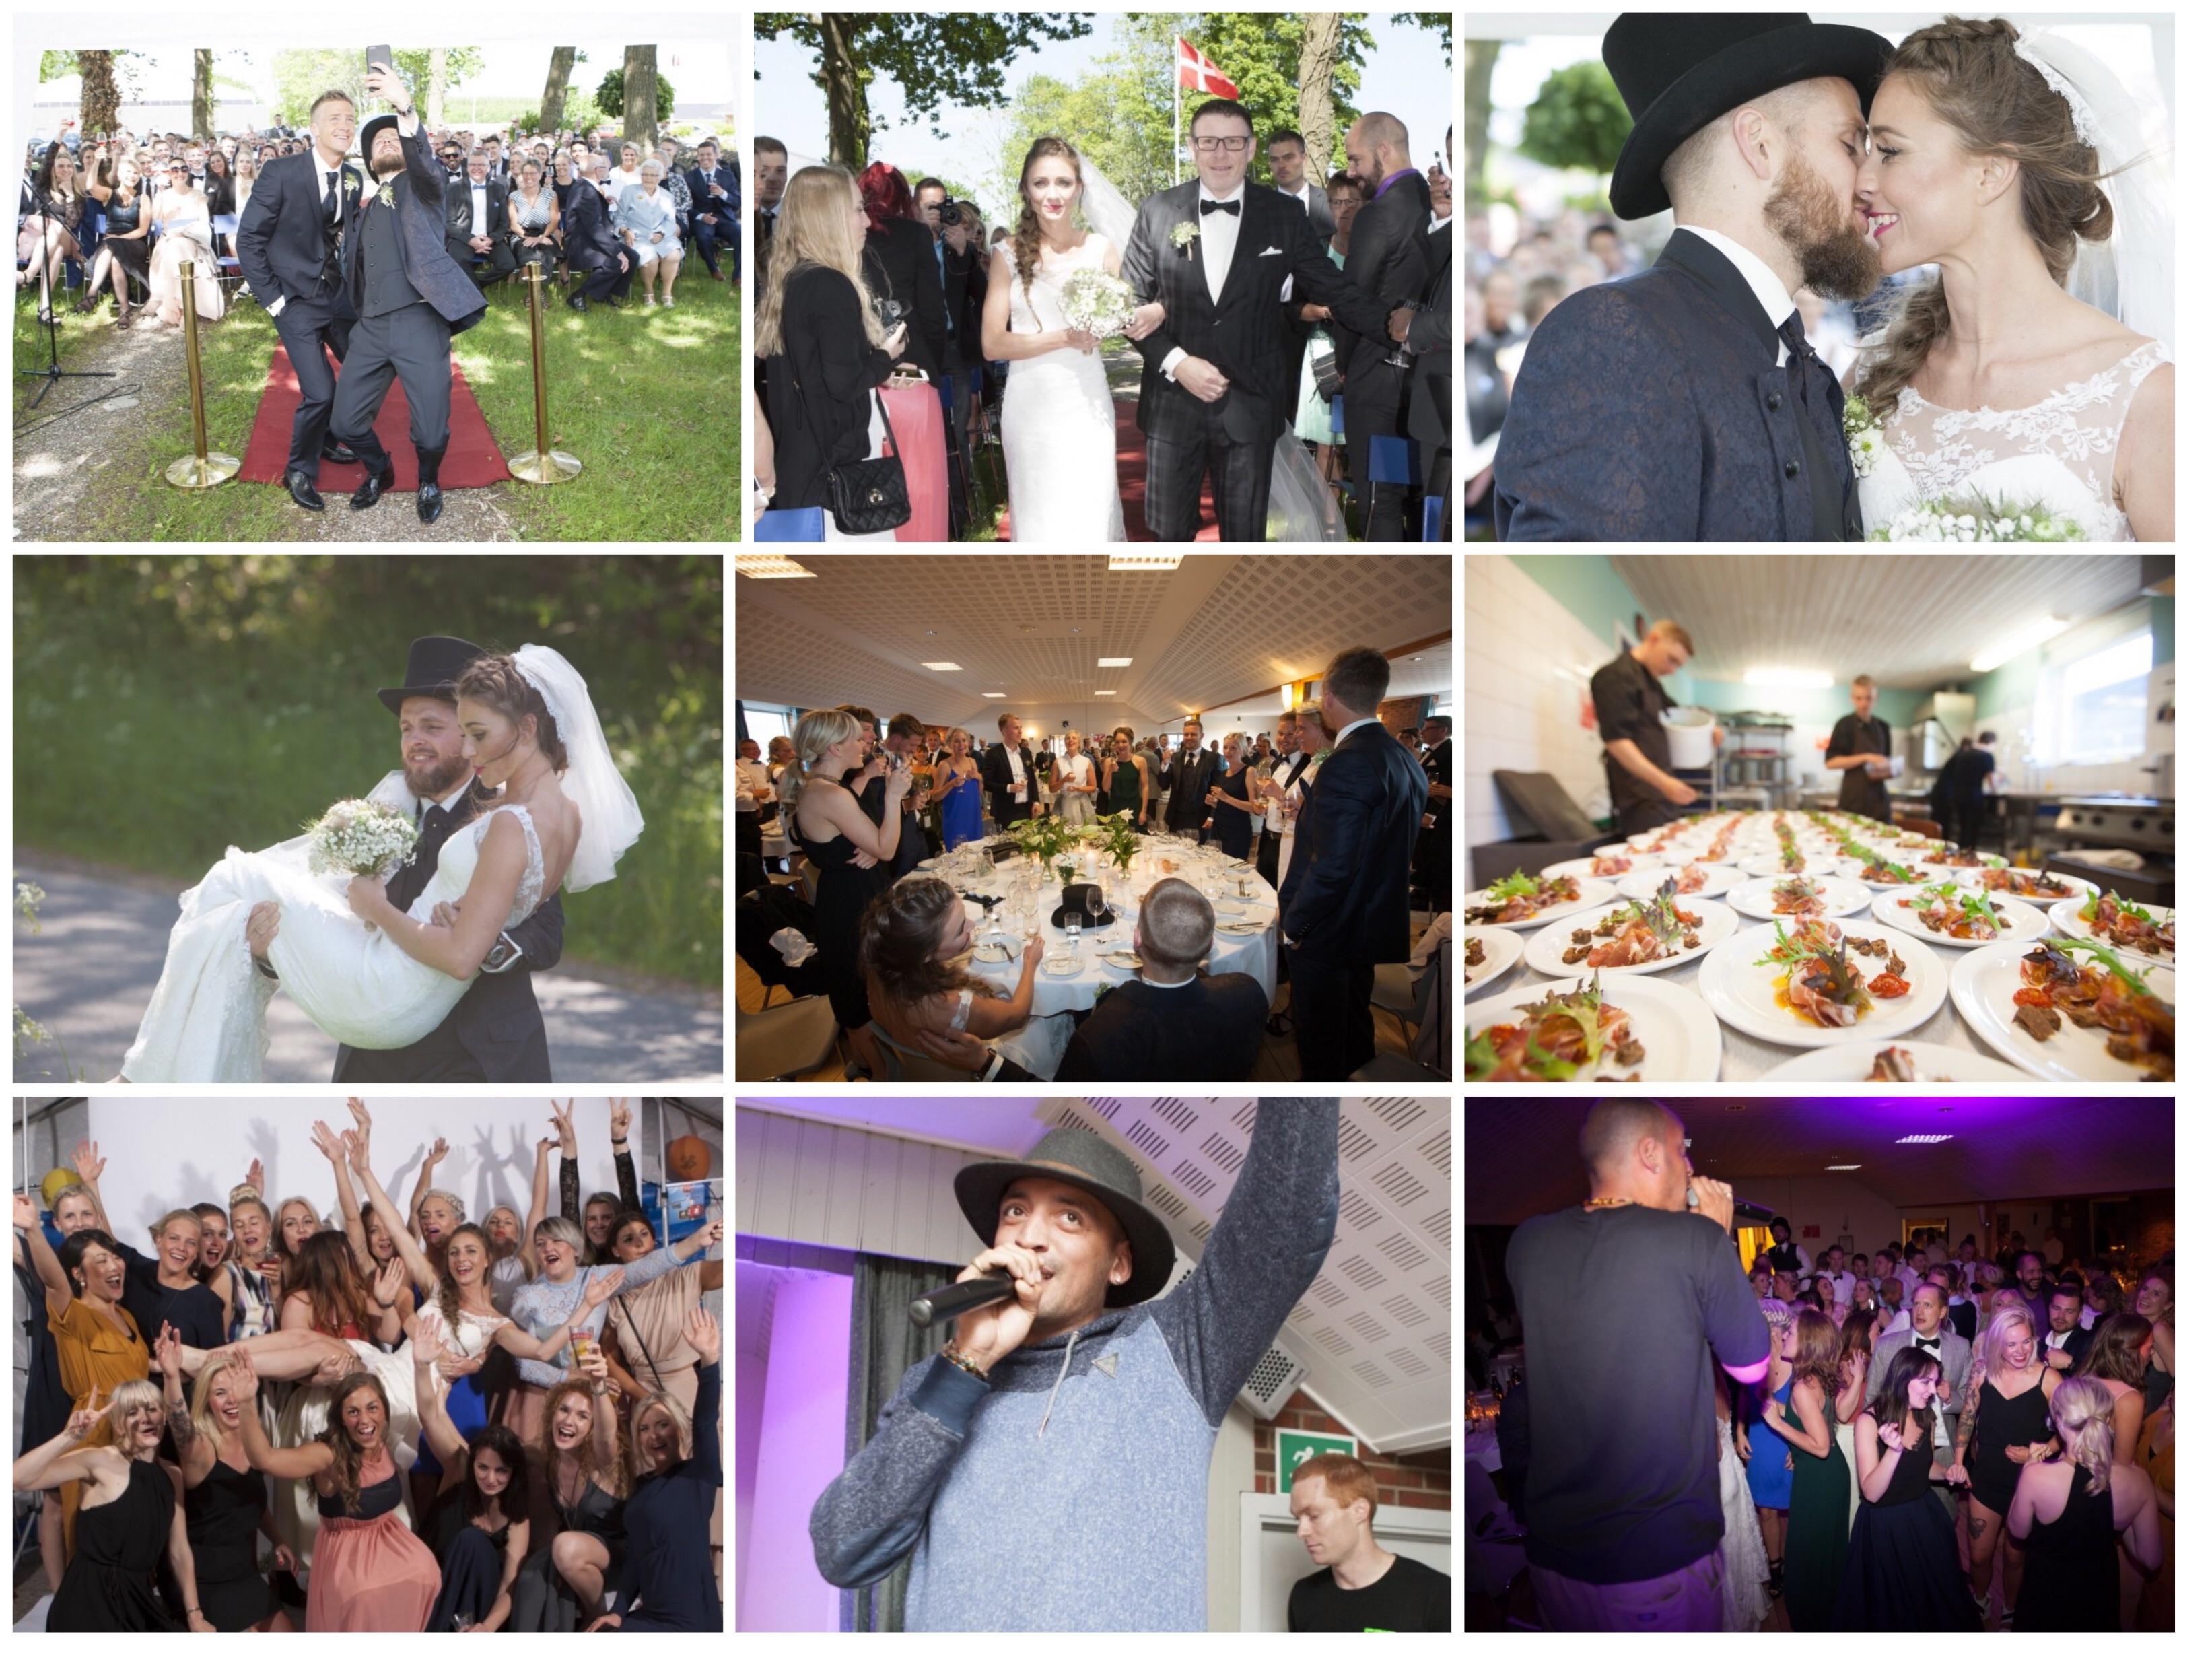 Vores bryllup i billeder